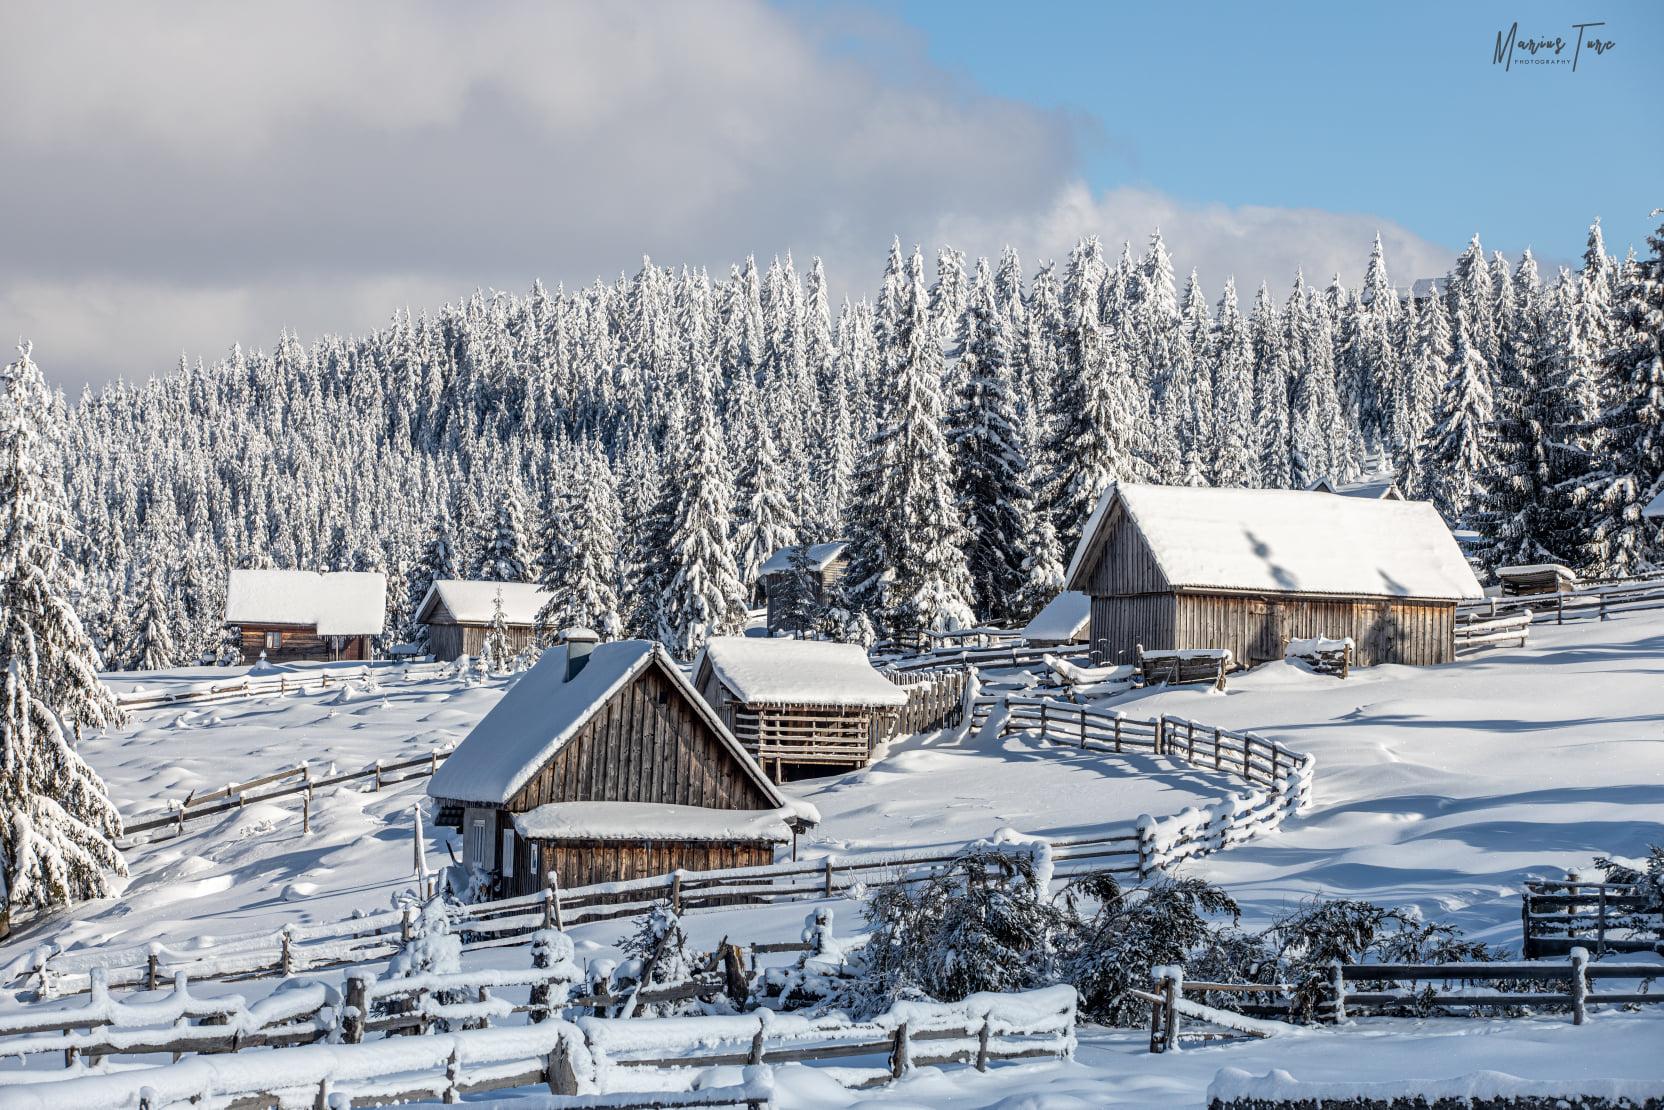 Ce frumusete iarna - Marius Turc